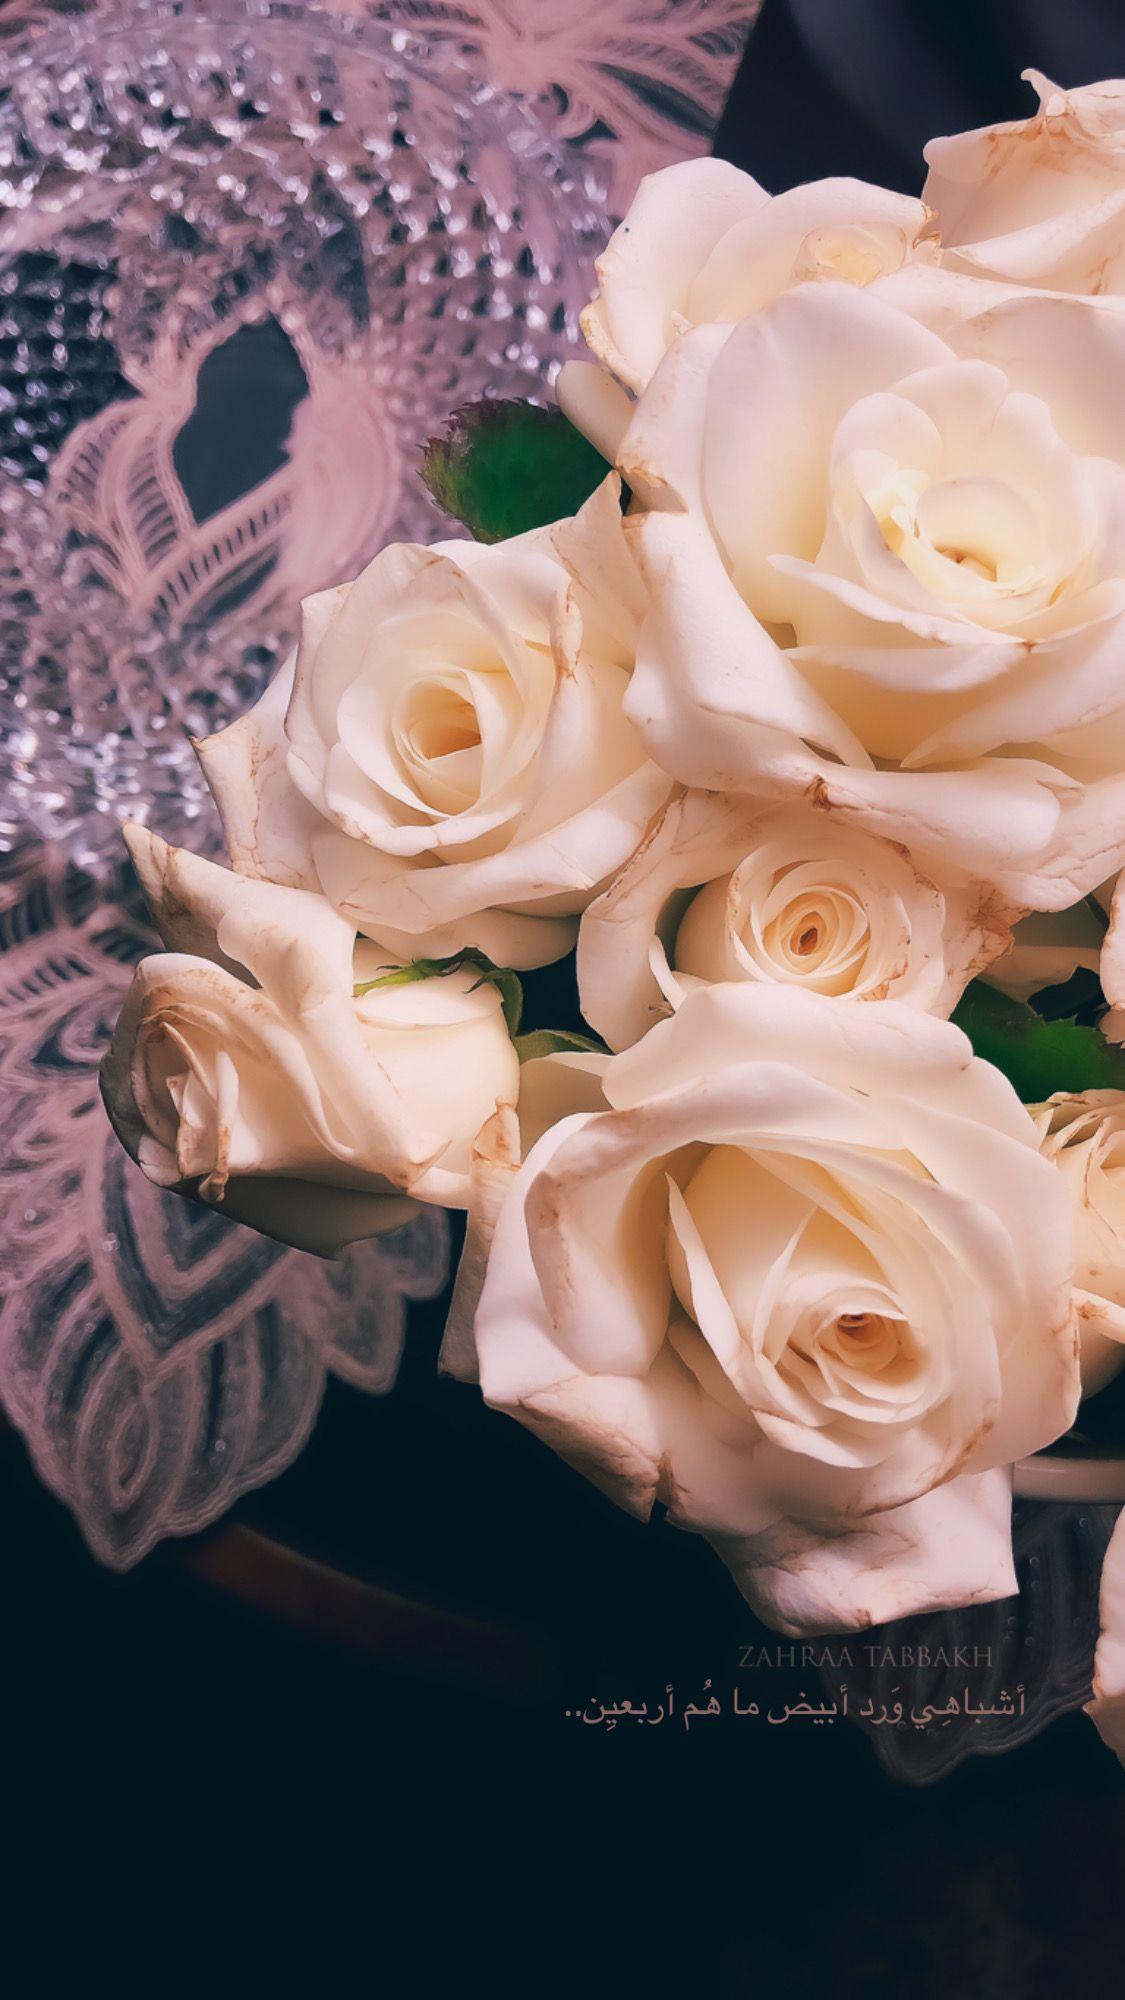 اشباهي ورد ابيض ما هم اربعين Rose Flowers Plants